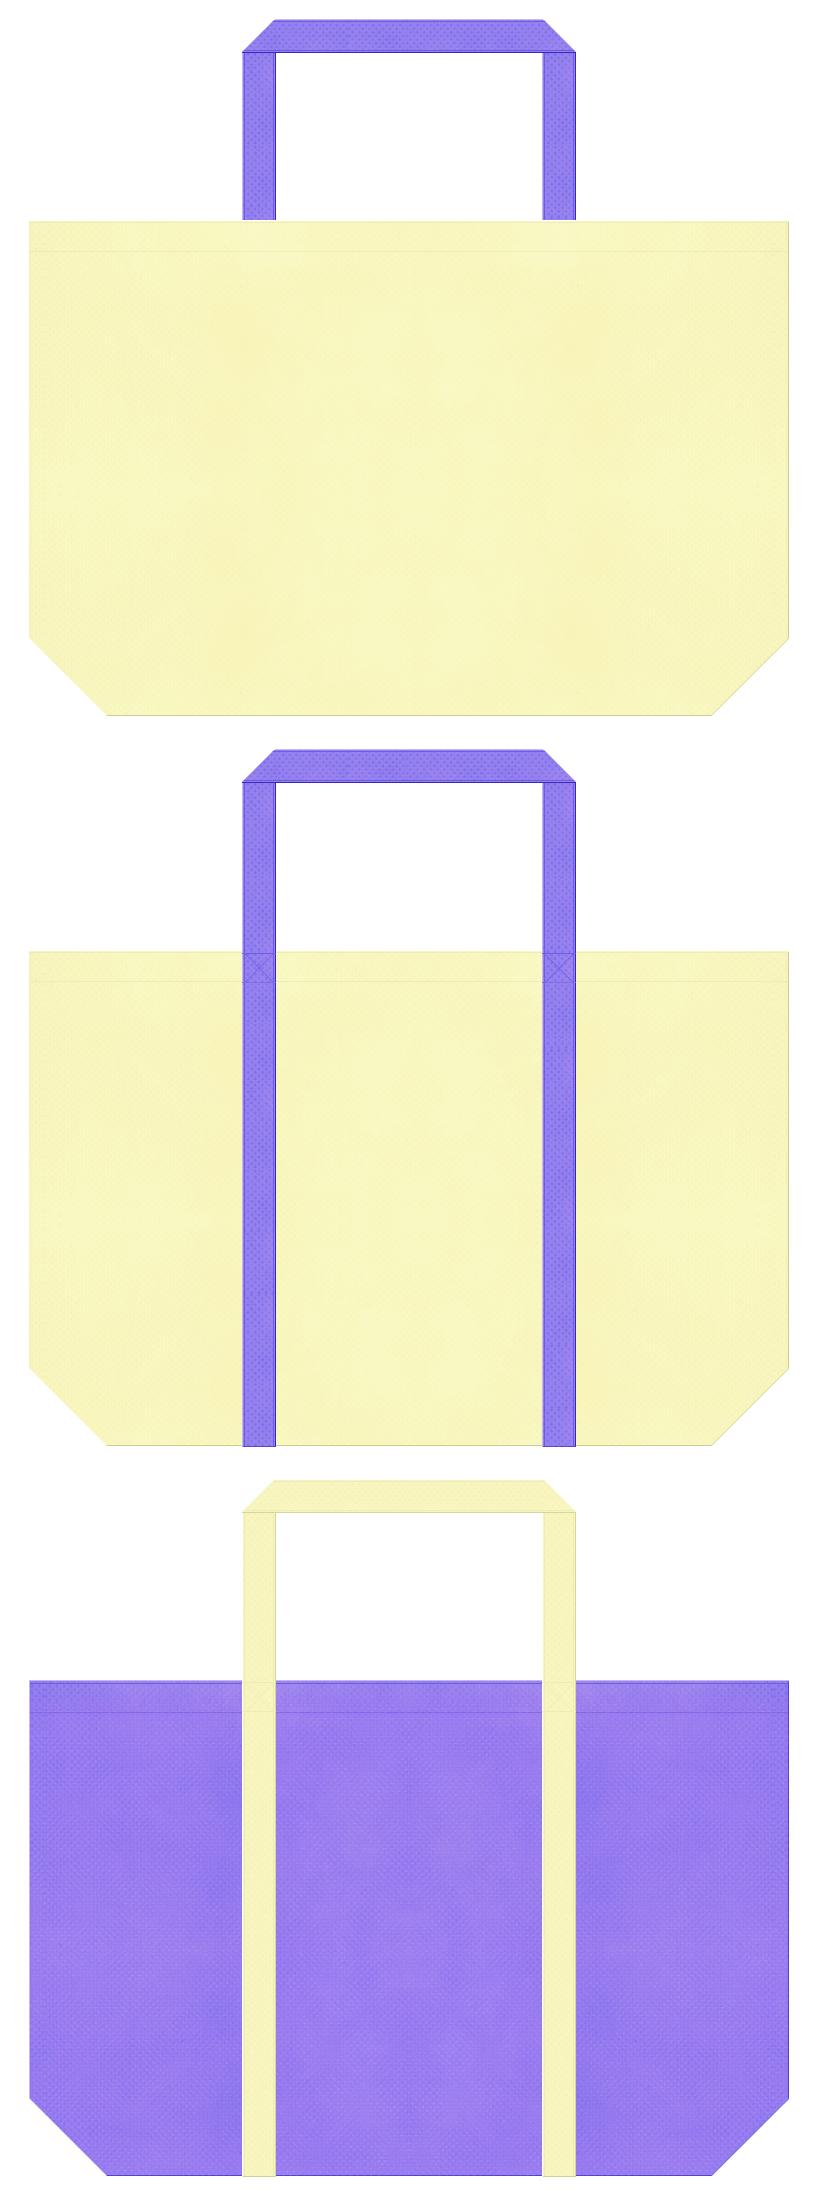 薄黄色と薄紫色の不織布マイバッグデザイン